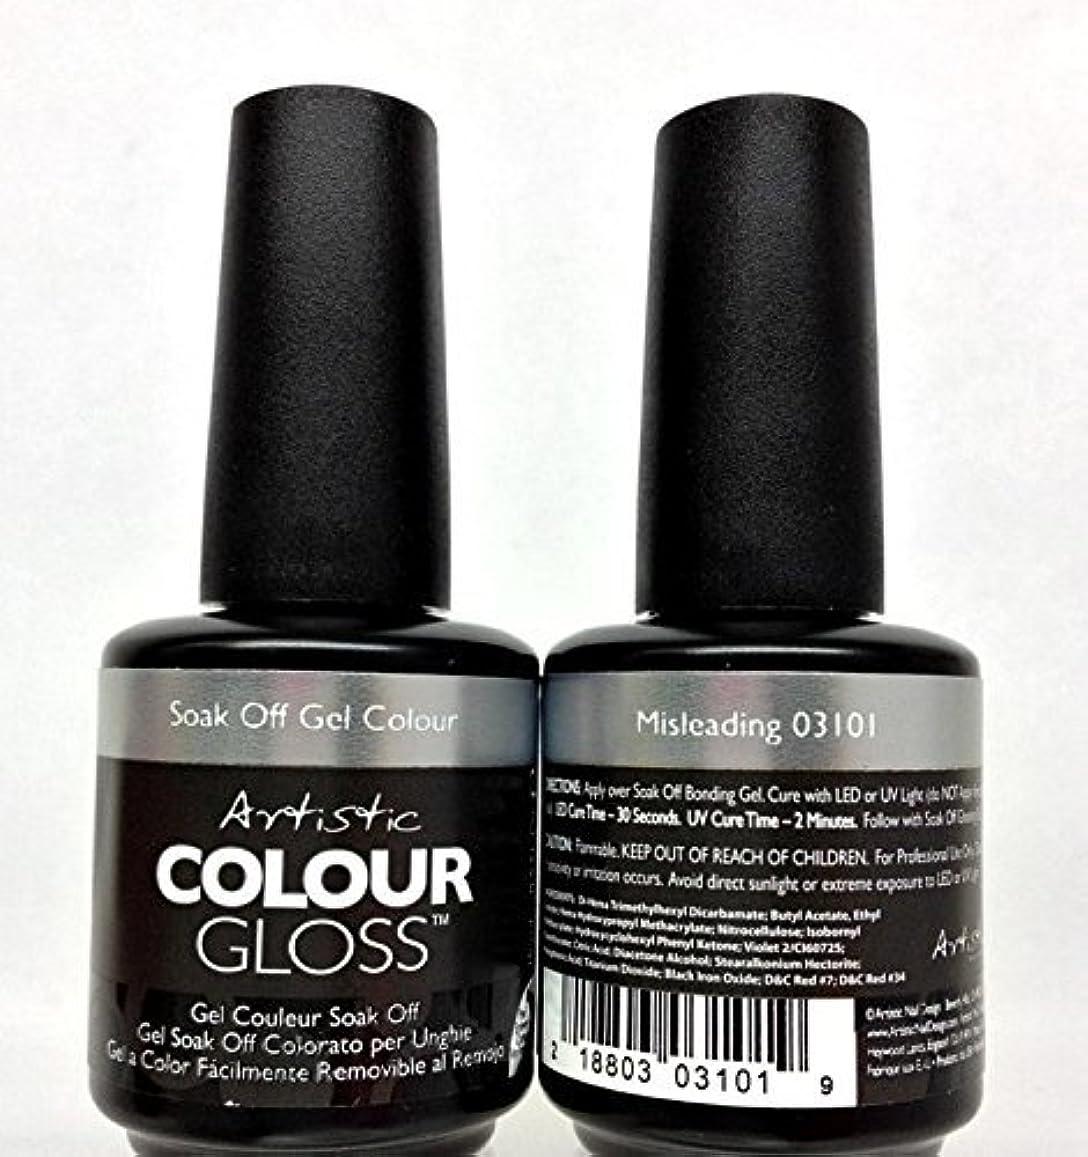 指令アンペアぼろArtistic Colour Gloss - Misleading - 0.5oz/15ml